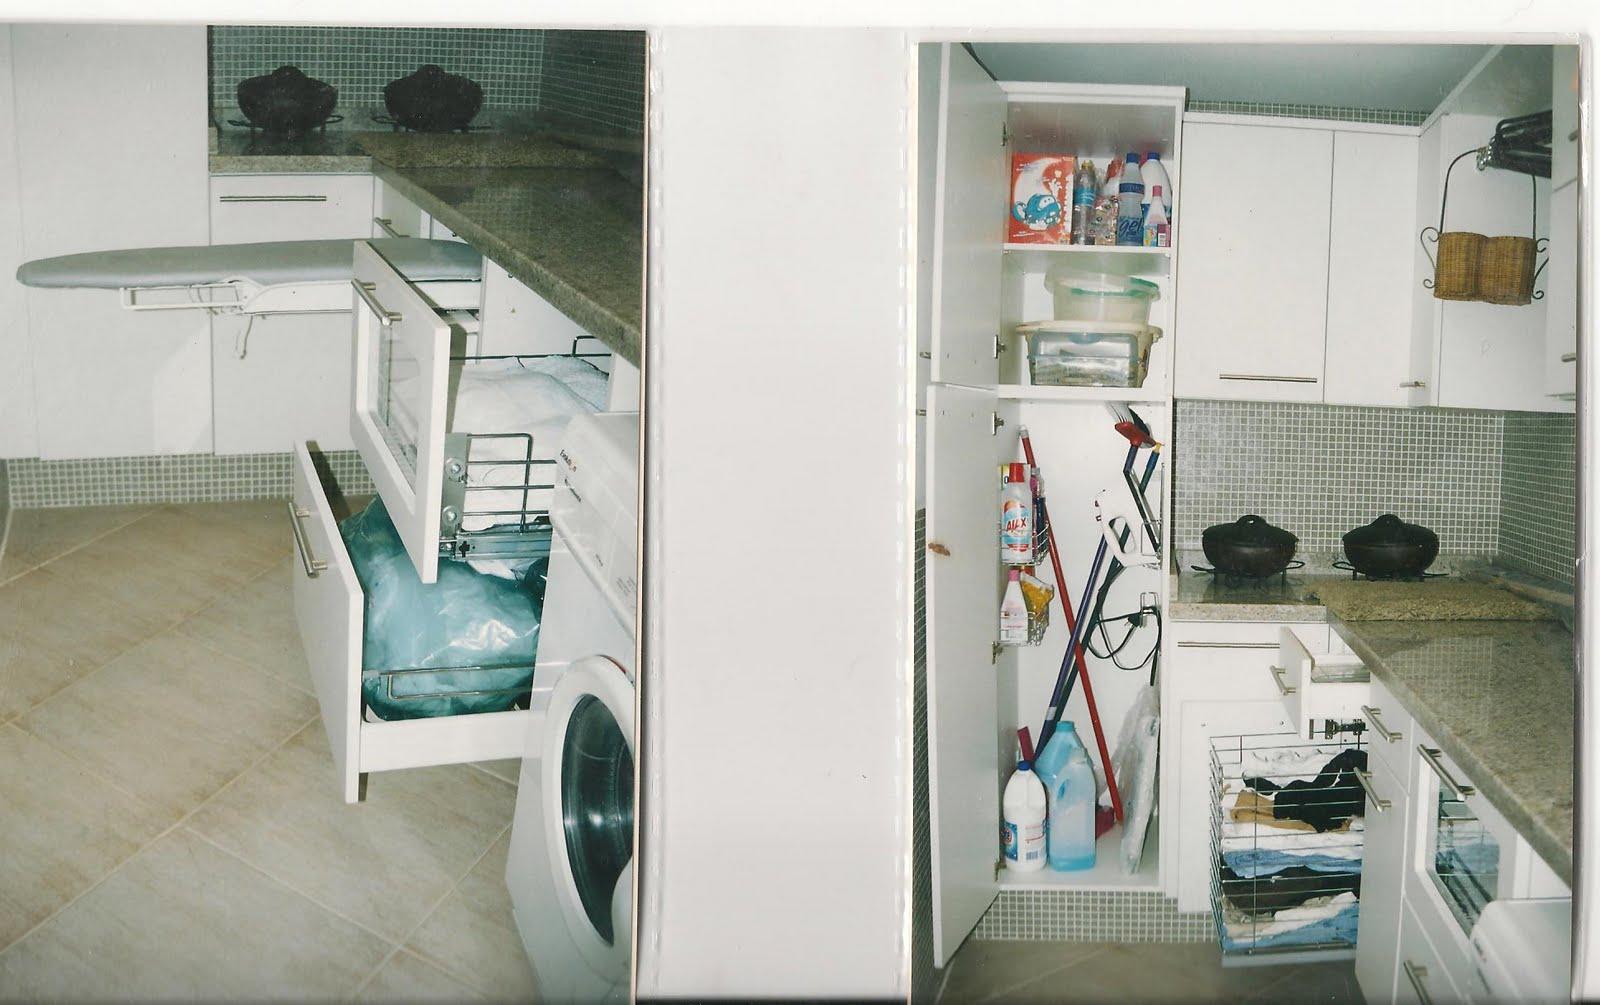 #486A66 Ter o lugar certinho de colocar aquelas tralhas de lavanderia é  1600x1005 px Projetos Cozinha Lavanderia_5095 Imagens